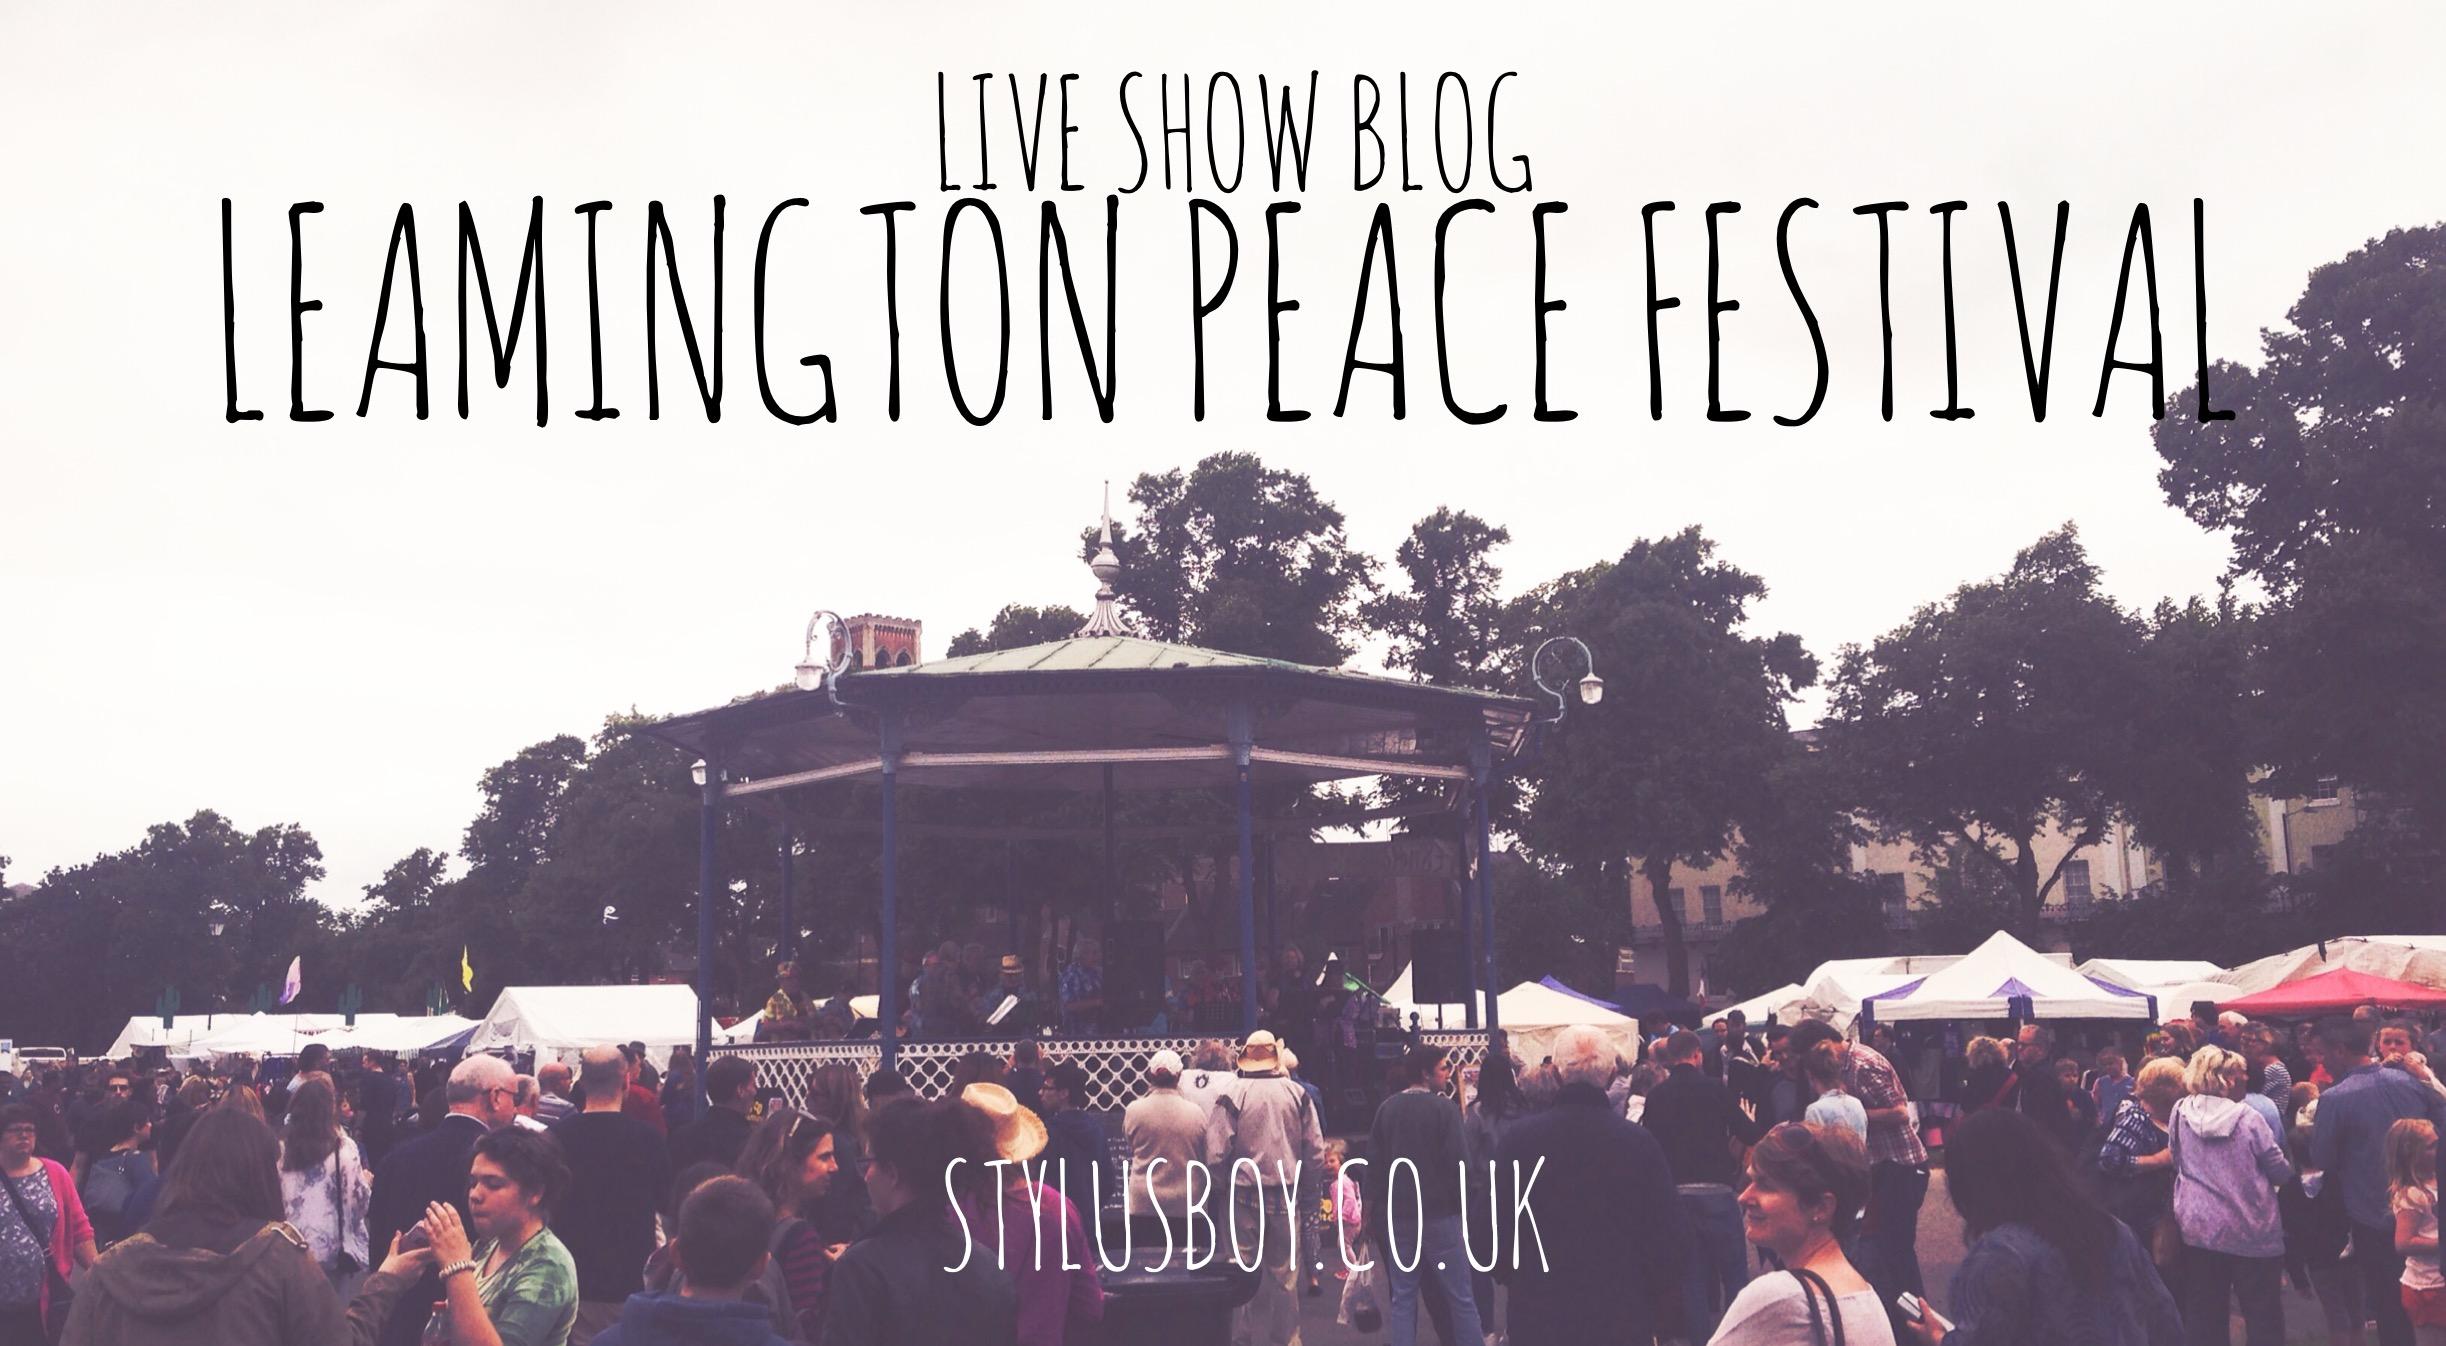 Stylusboy_leamington_peace_festival_blog